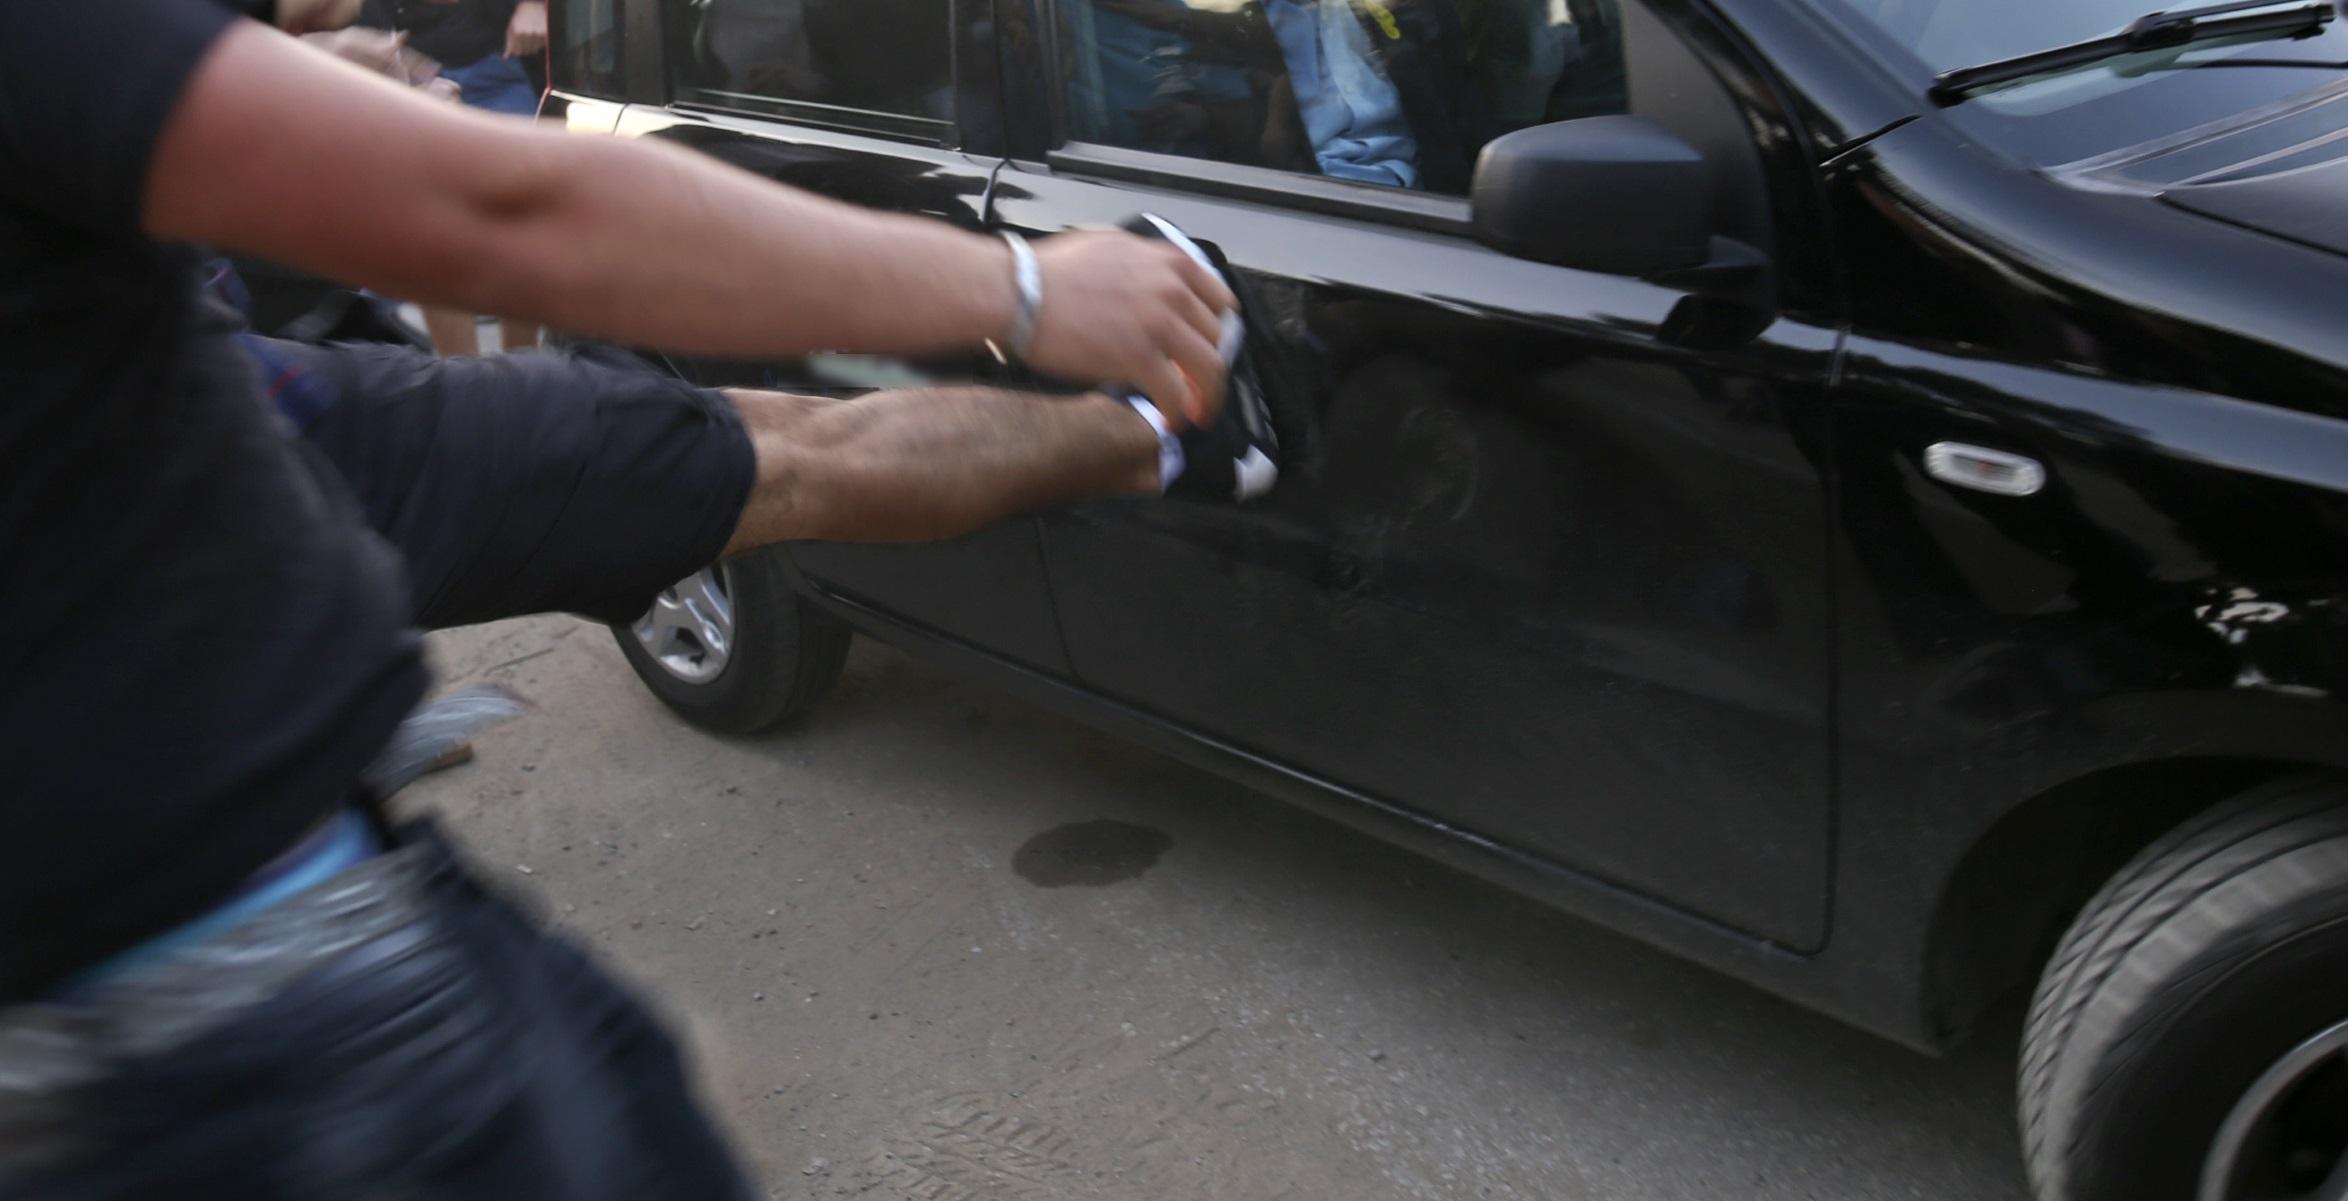 Κρήτη: Του έριξε κουτουλιά με το κράνος – Άγρια επίθεση στη μέση του δρόμου